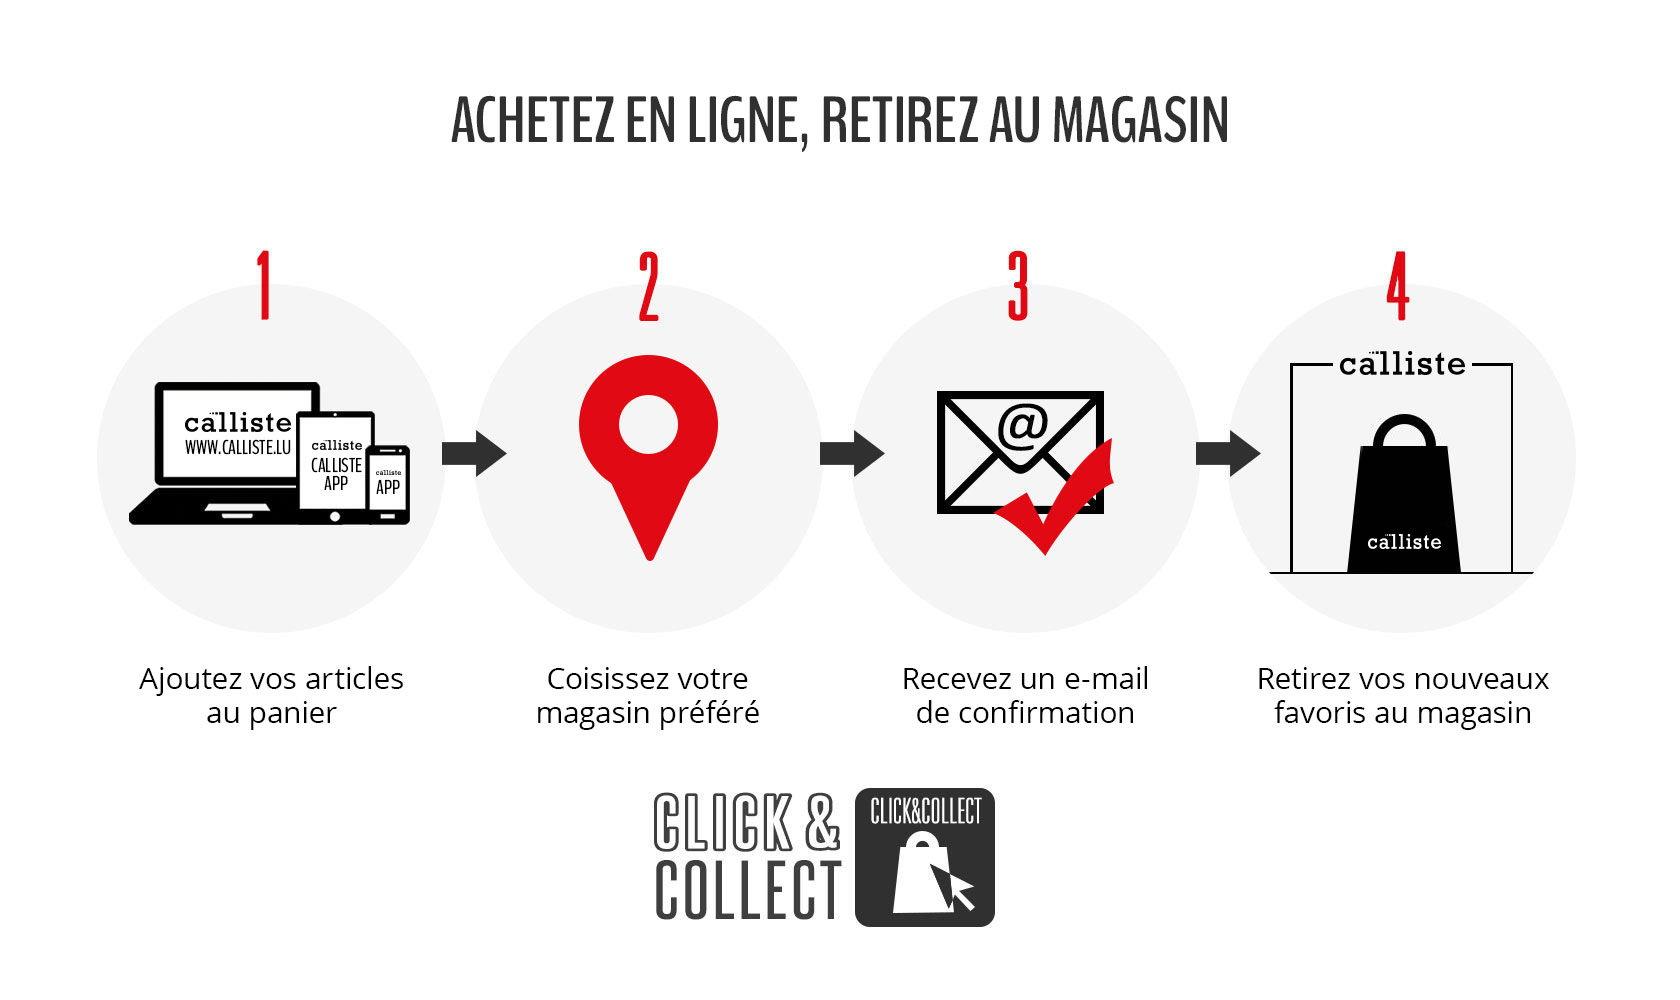 Click & Collect - Recevez vos nouveaux favoris en quatres étapes !